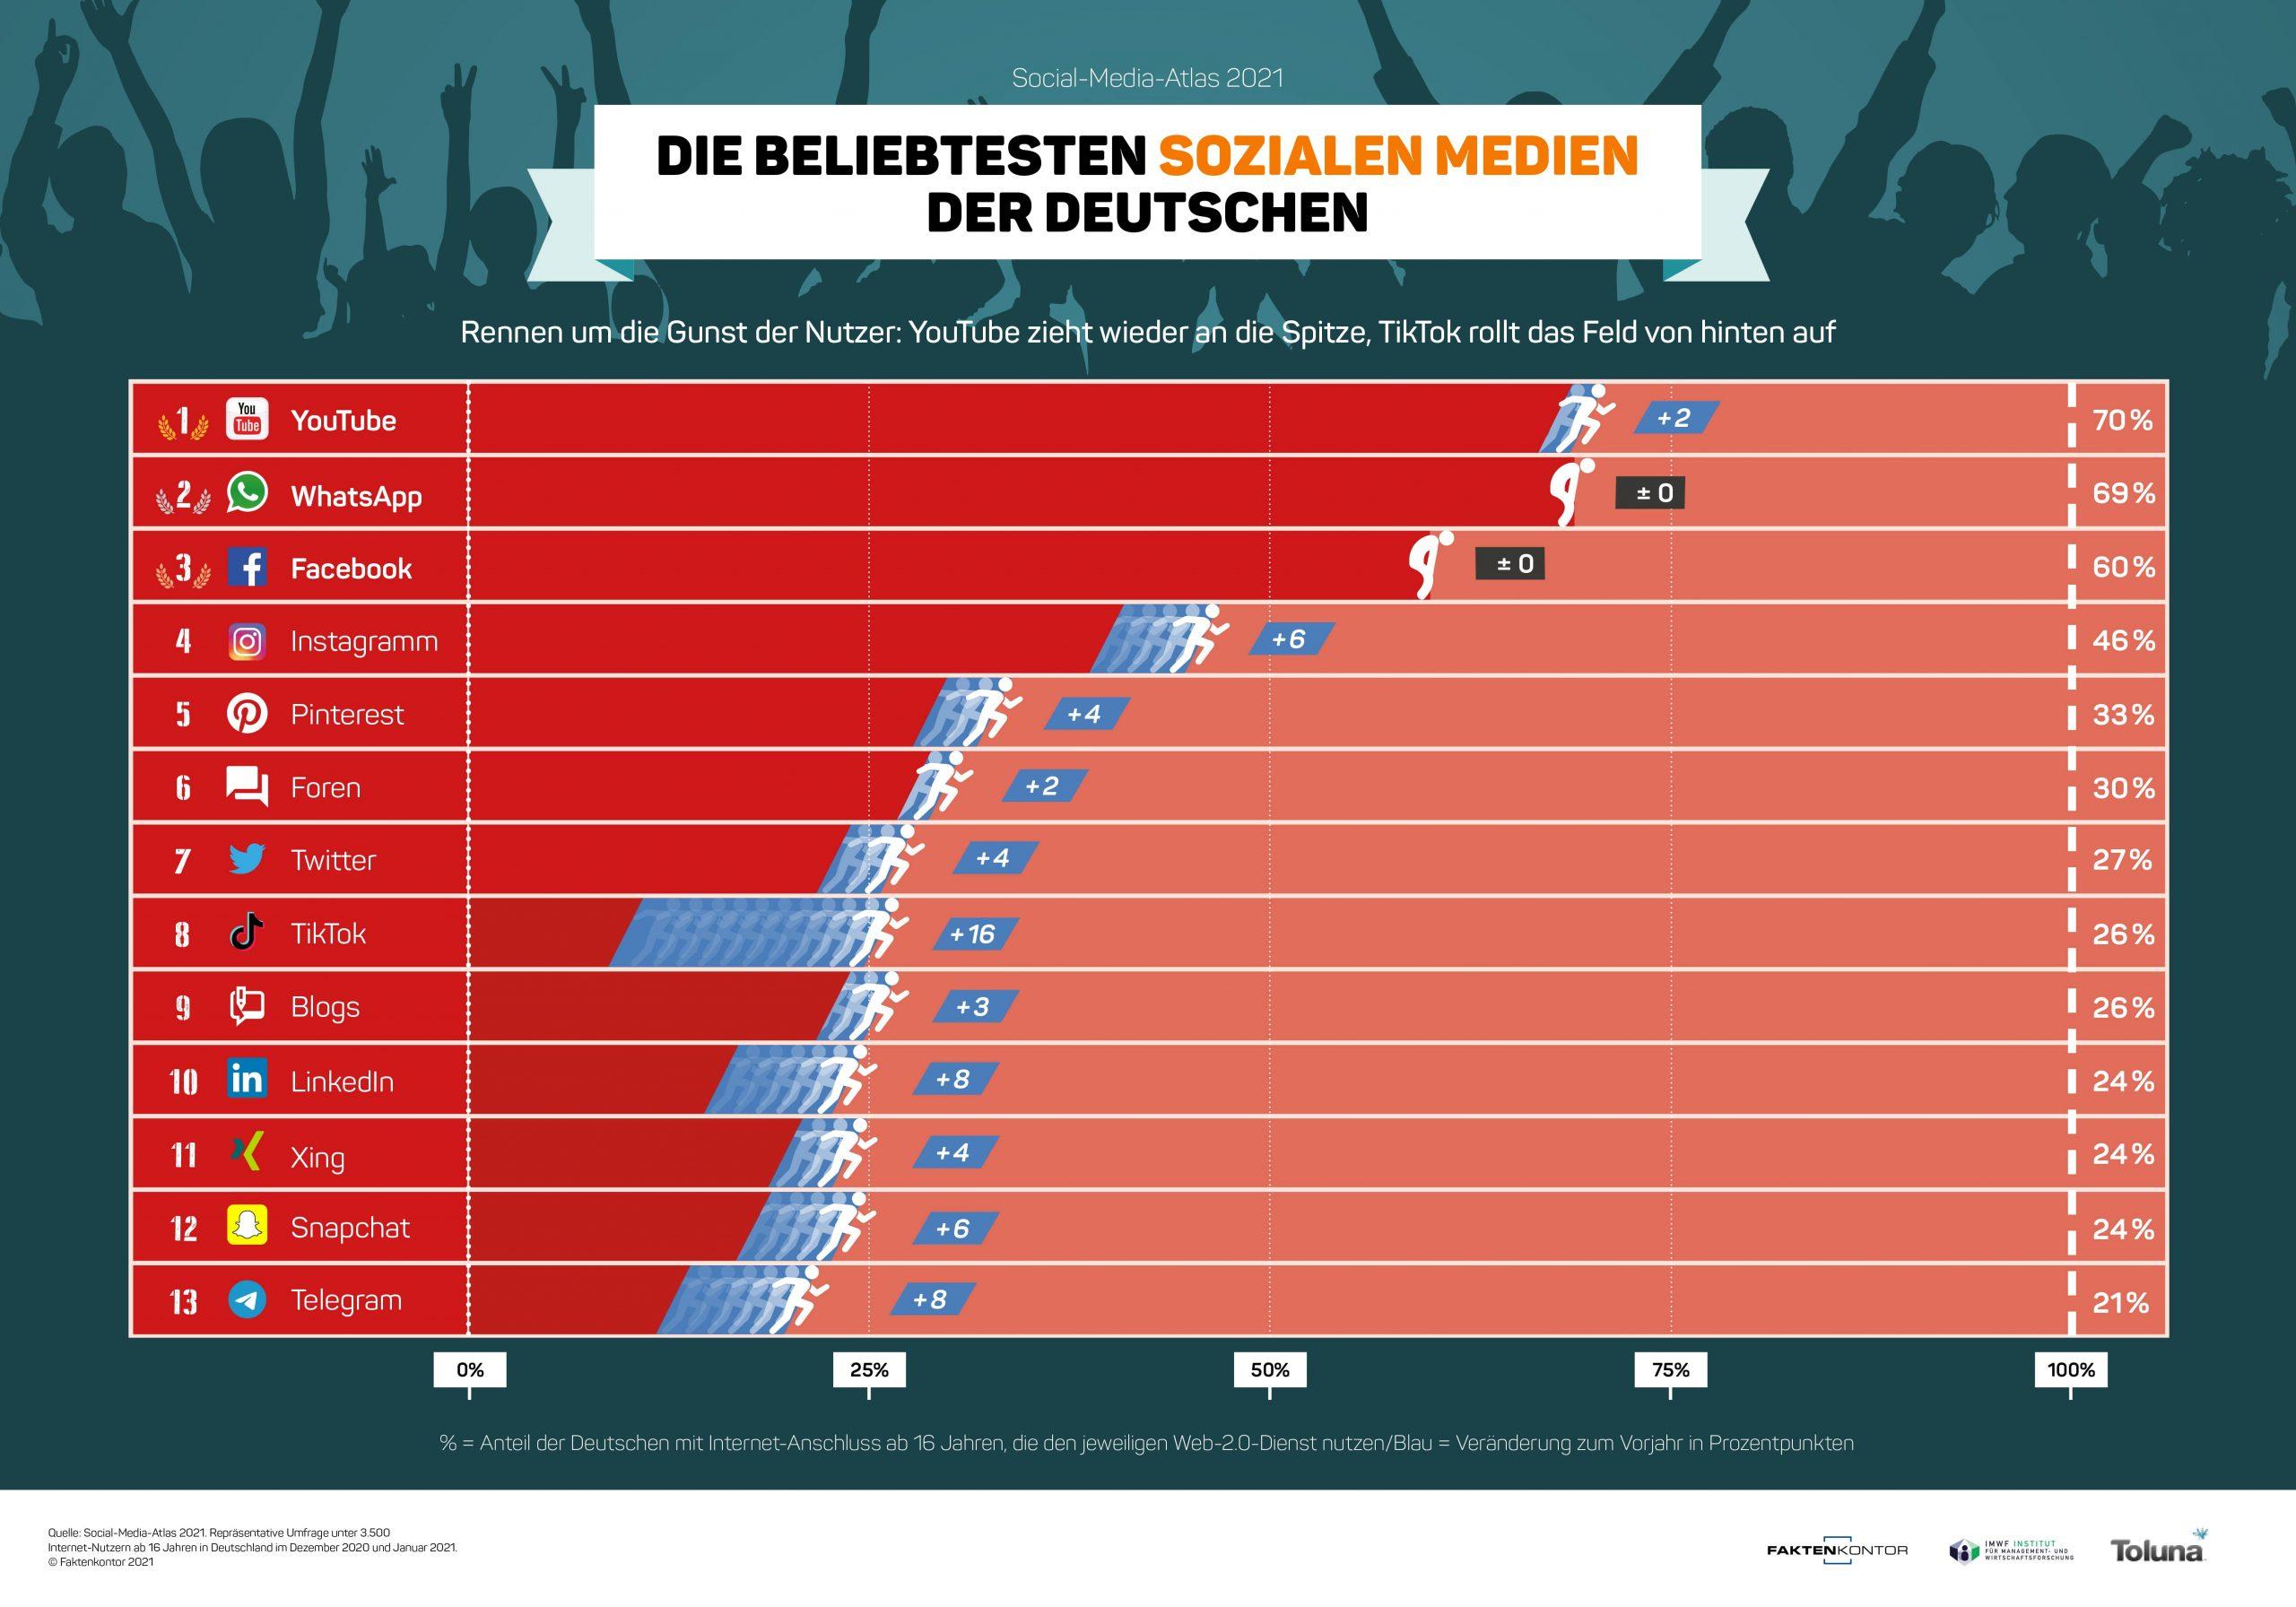 Die beliebtesten Sozialen Medien der Deutschen